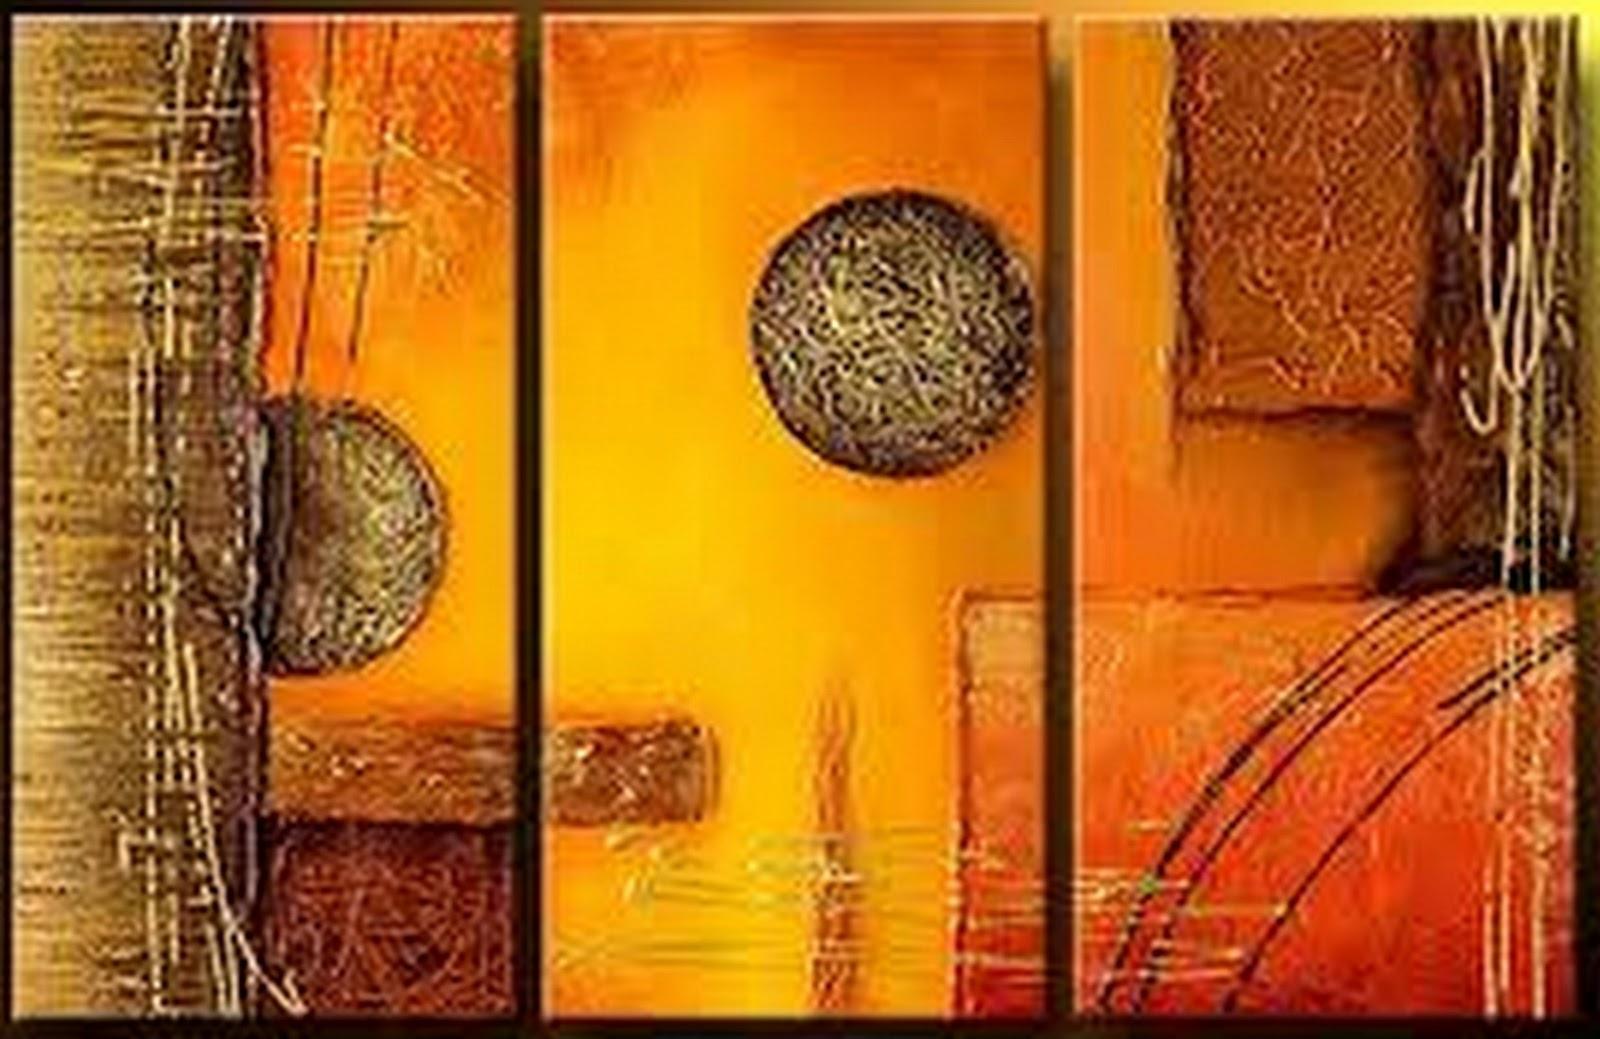 Pintura moderna y fotograf a art stica fotos de cuadros - Cuadros y laminas ...